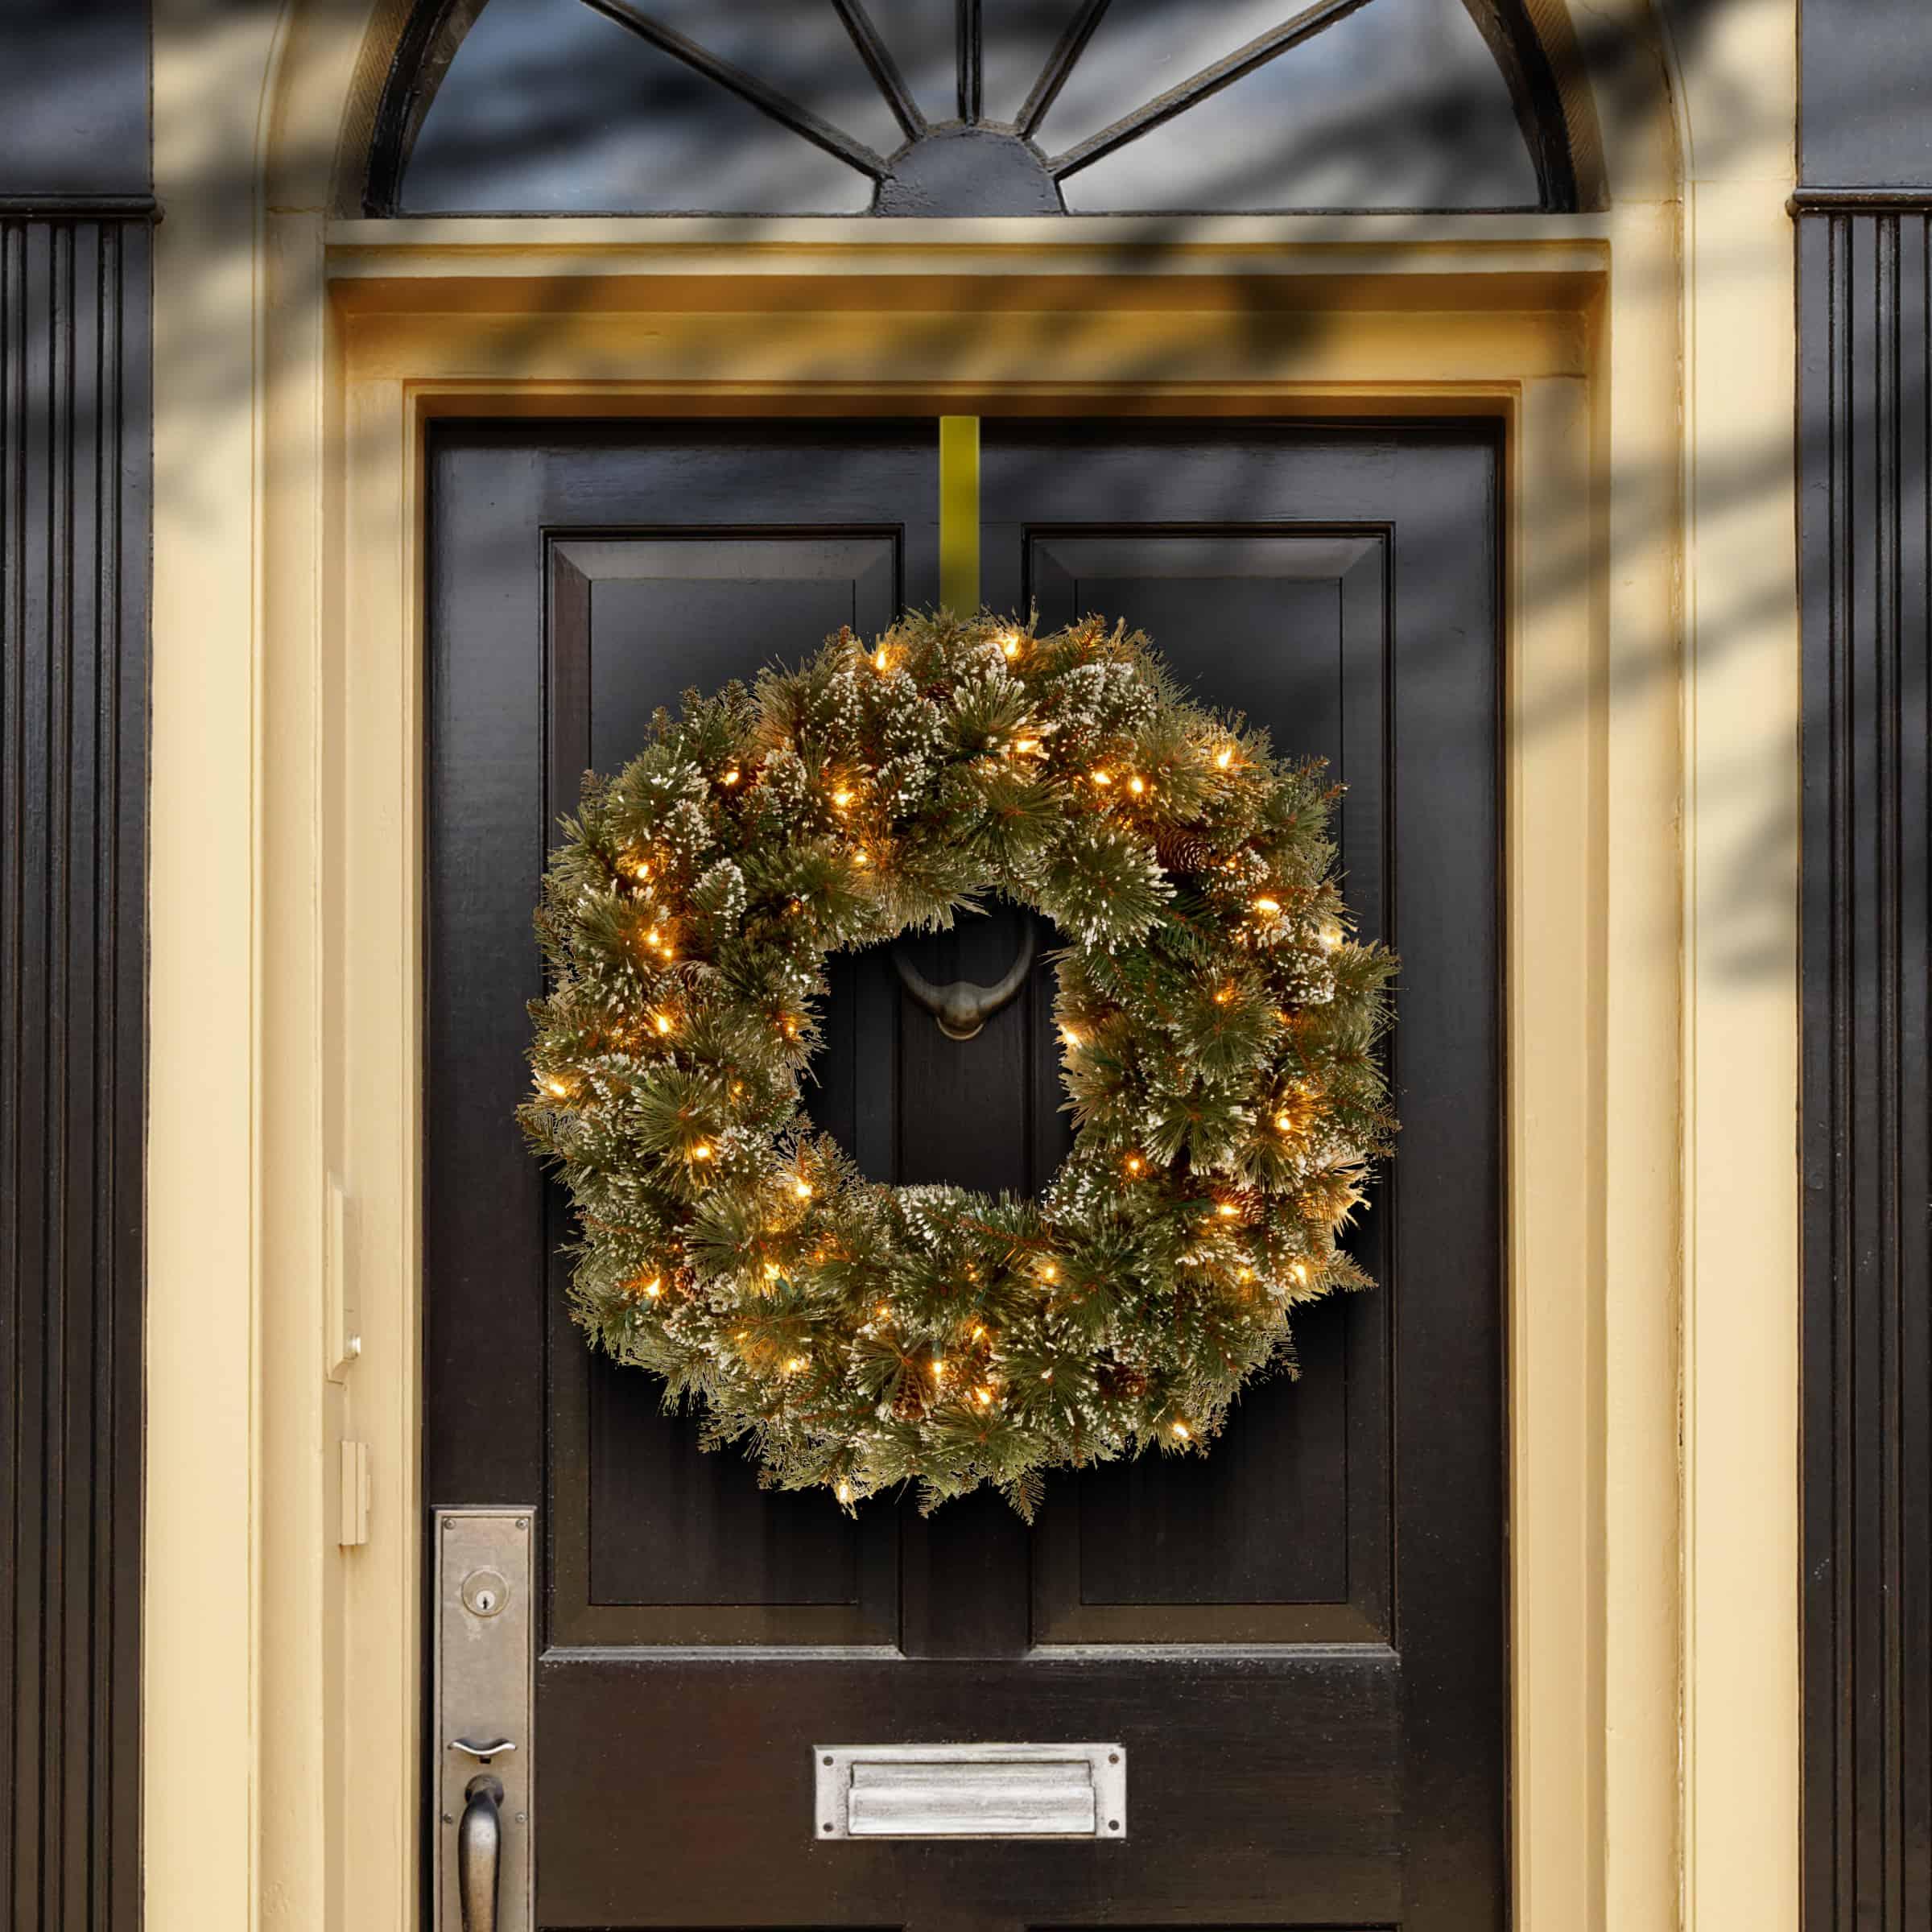 Glittery Bristle Pre-Lit Wreath - Christmas Wreaths For Sale Dublin Ireland